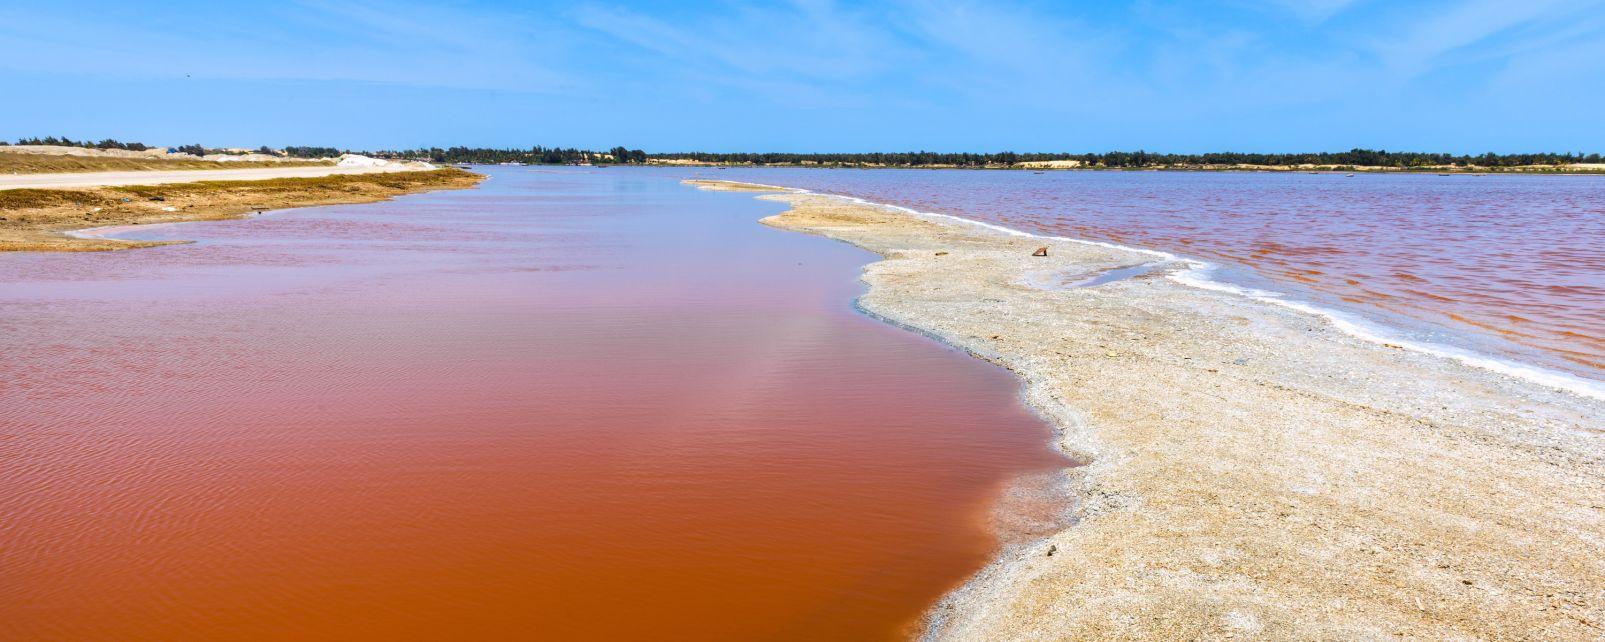 """Le lac Rose est en train """"de perdre sa couleur d'origine, et les touristes y sont harcelés"""""""